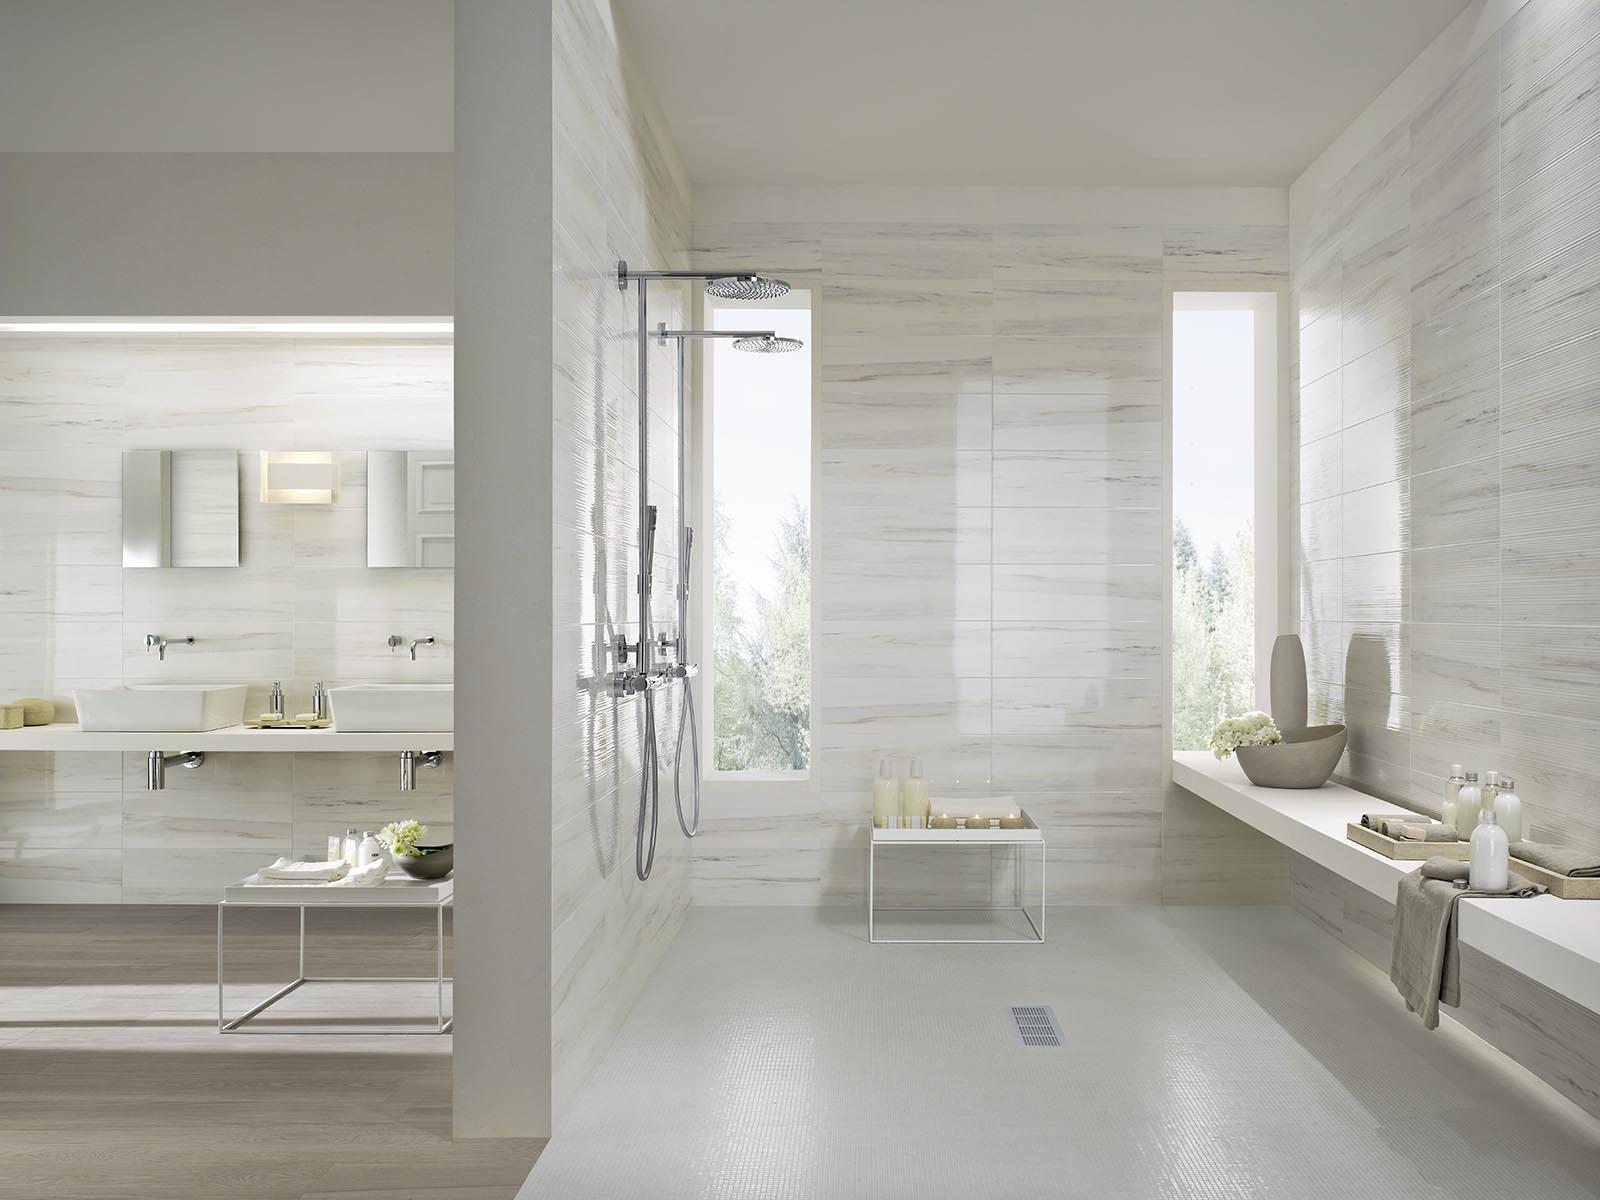 Rivestimento bagno marmo bianco : Marbleline Piastrelle effetto marmo Marazzi